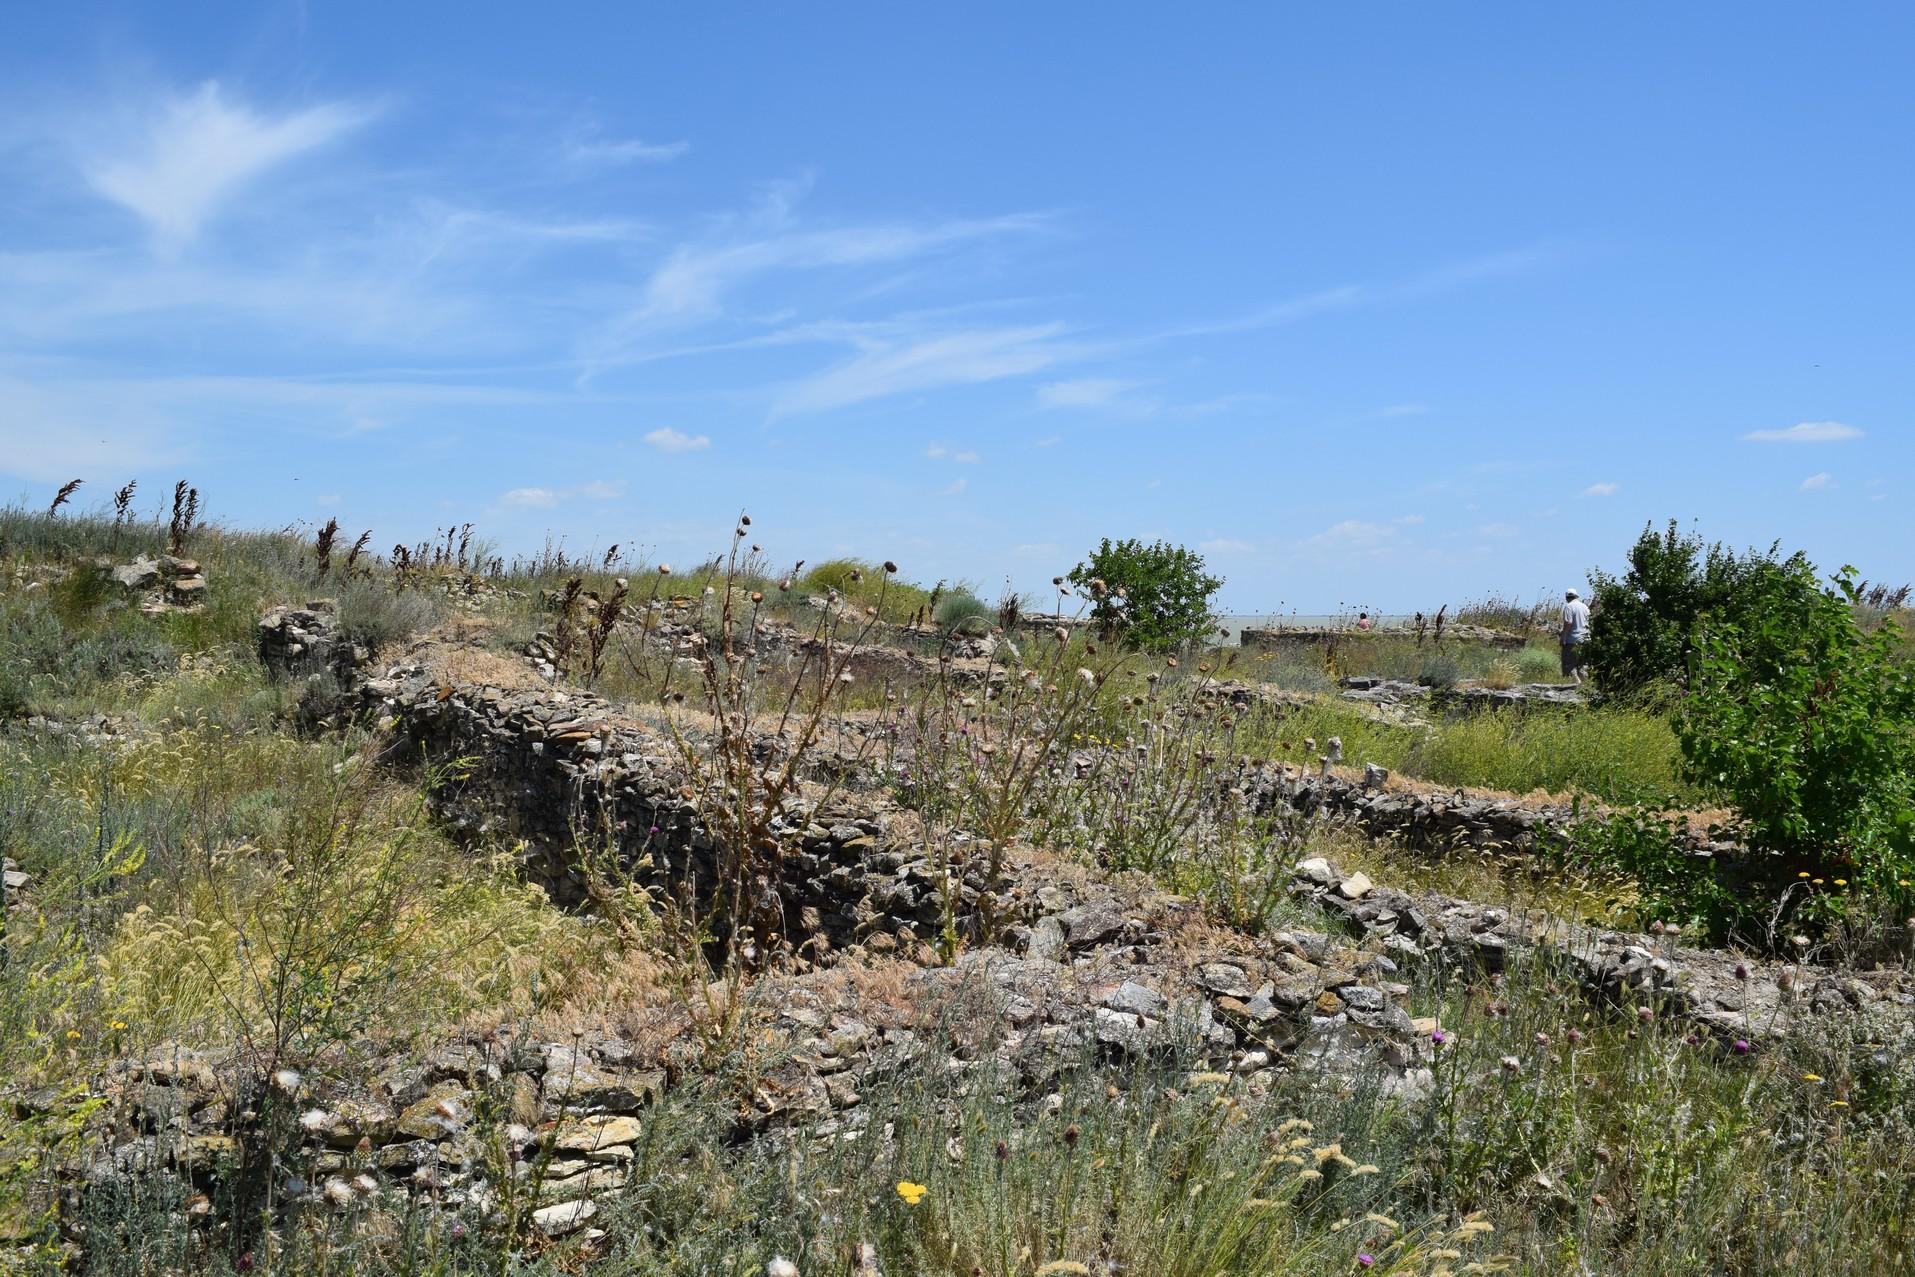 Argamum citadel